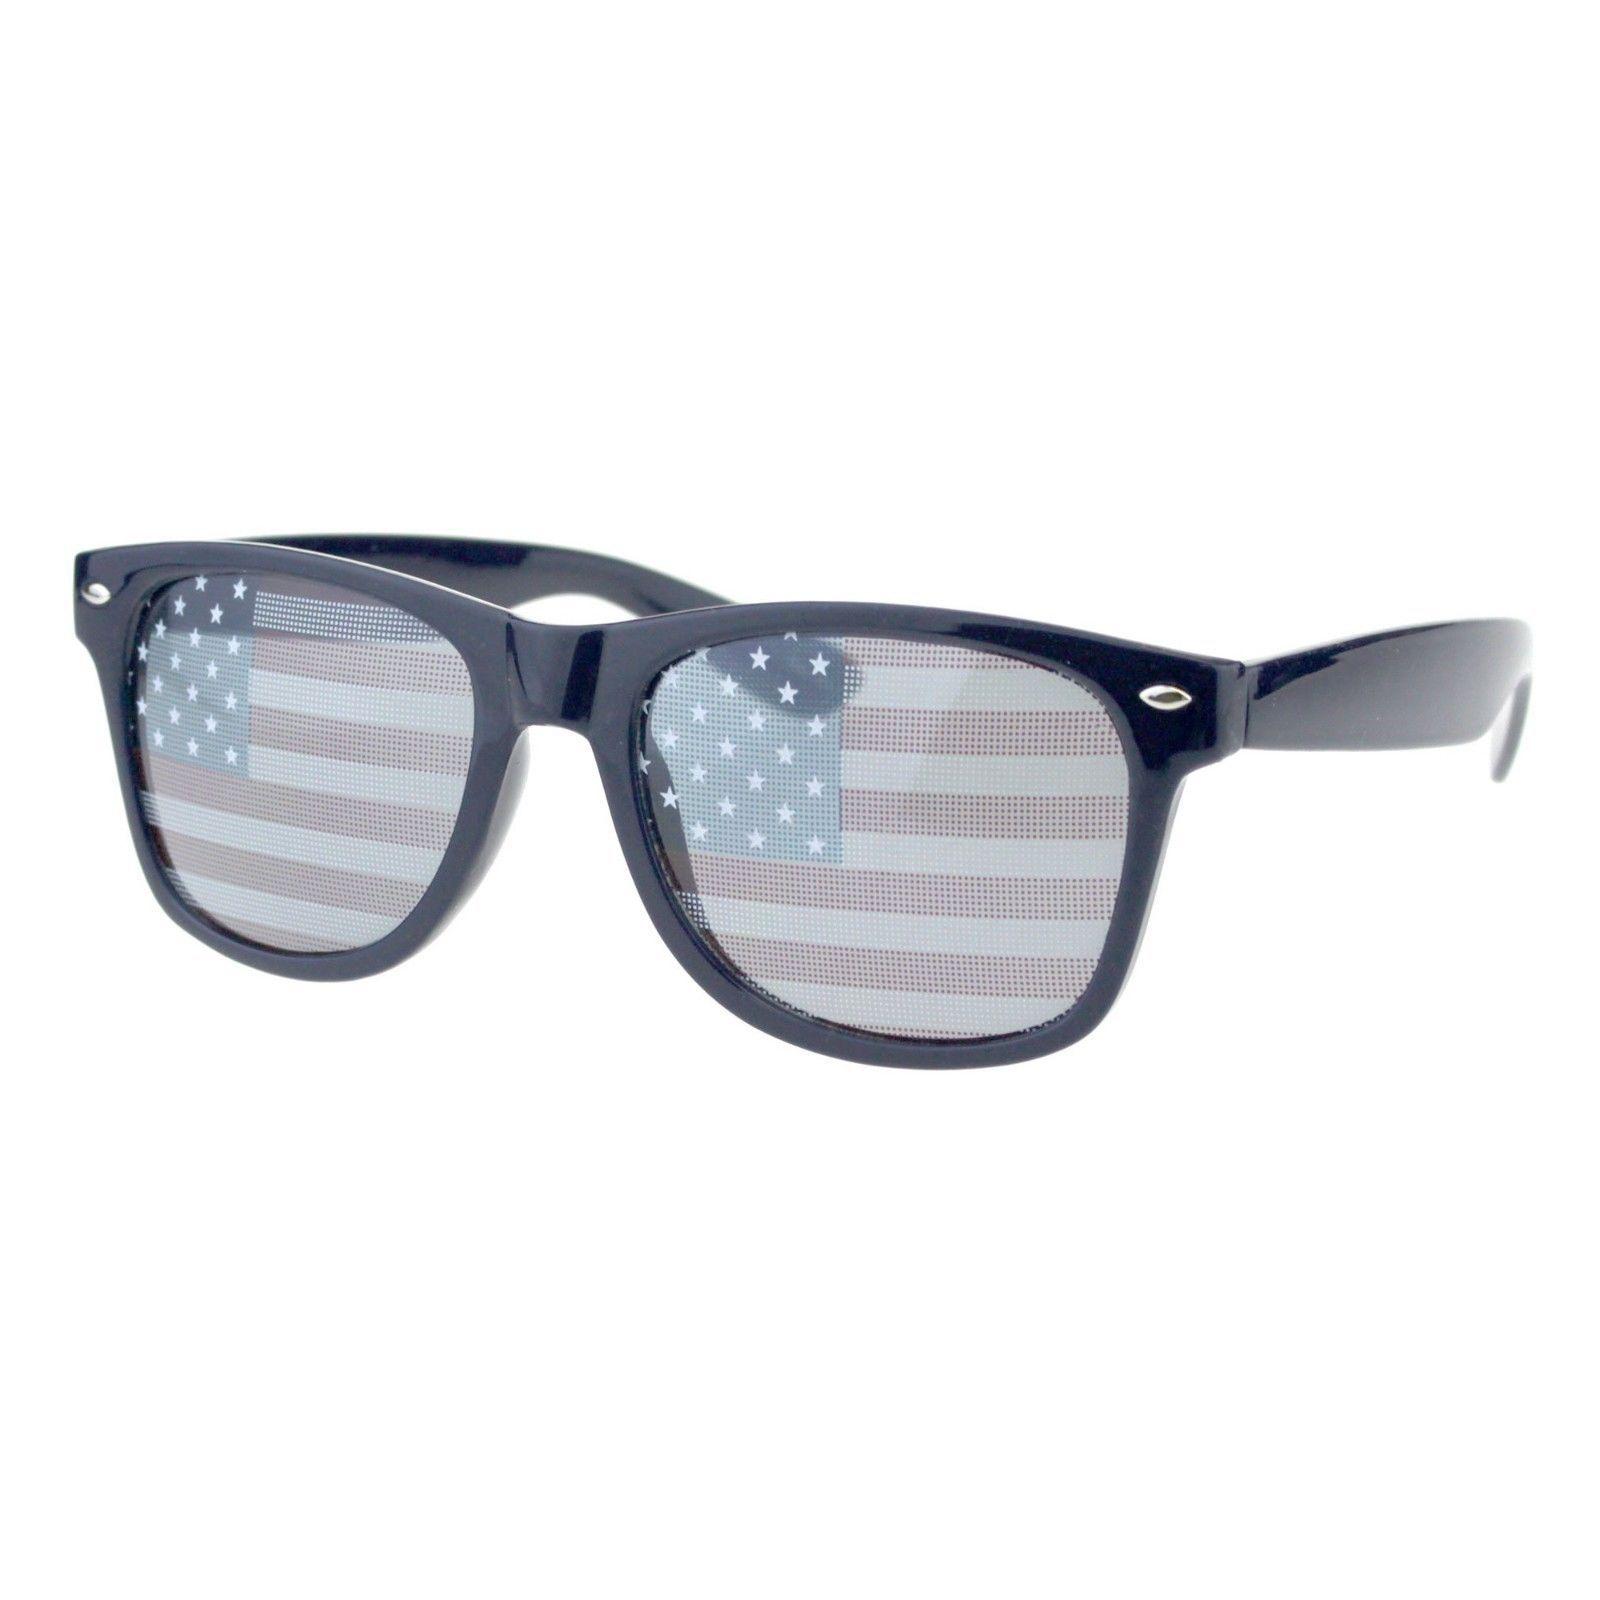 USA American Flag Lens Sunglasses Classic Square Frame UV 400